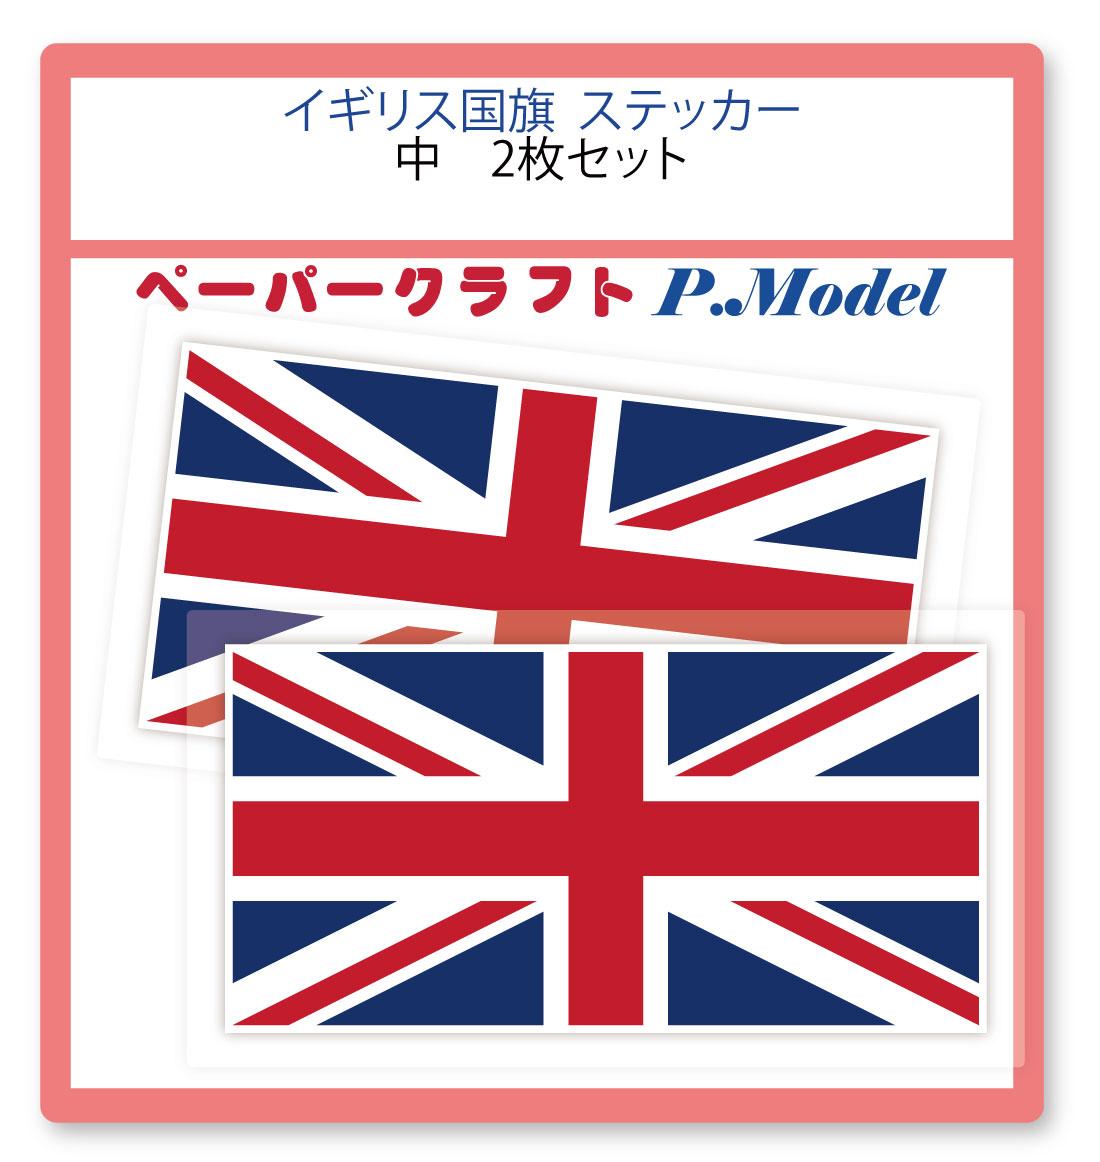 中サイズ 横幅50mm 中 イギリス国旗 2枚セット ステッカー 超美品再入荷品質至上 お気にいる シール